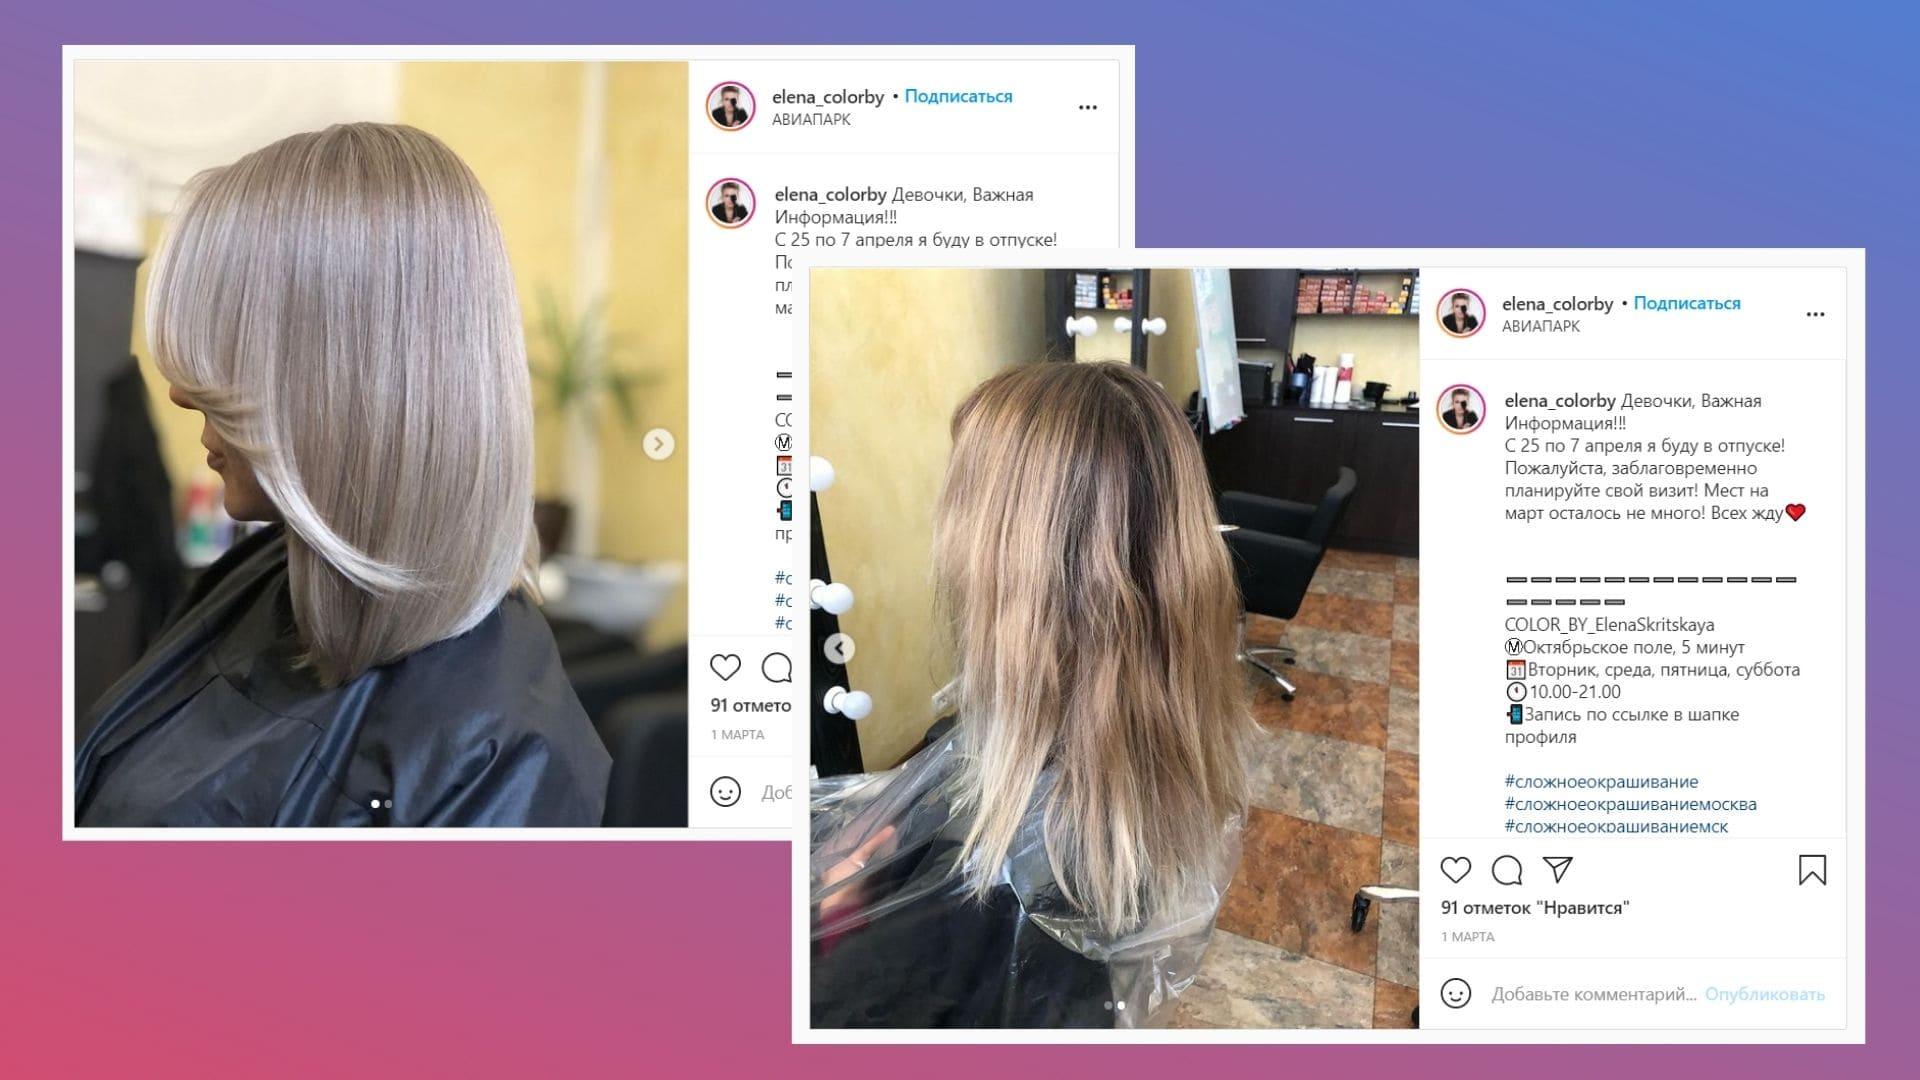 До и после у @elena_colorby